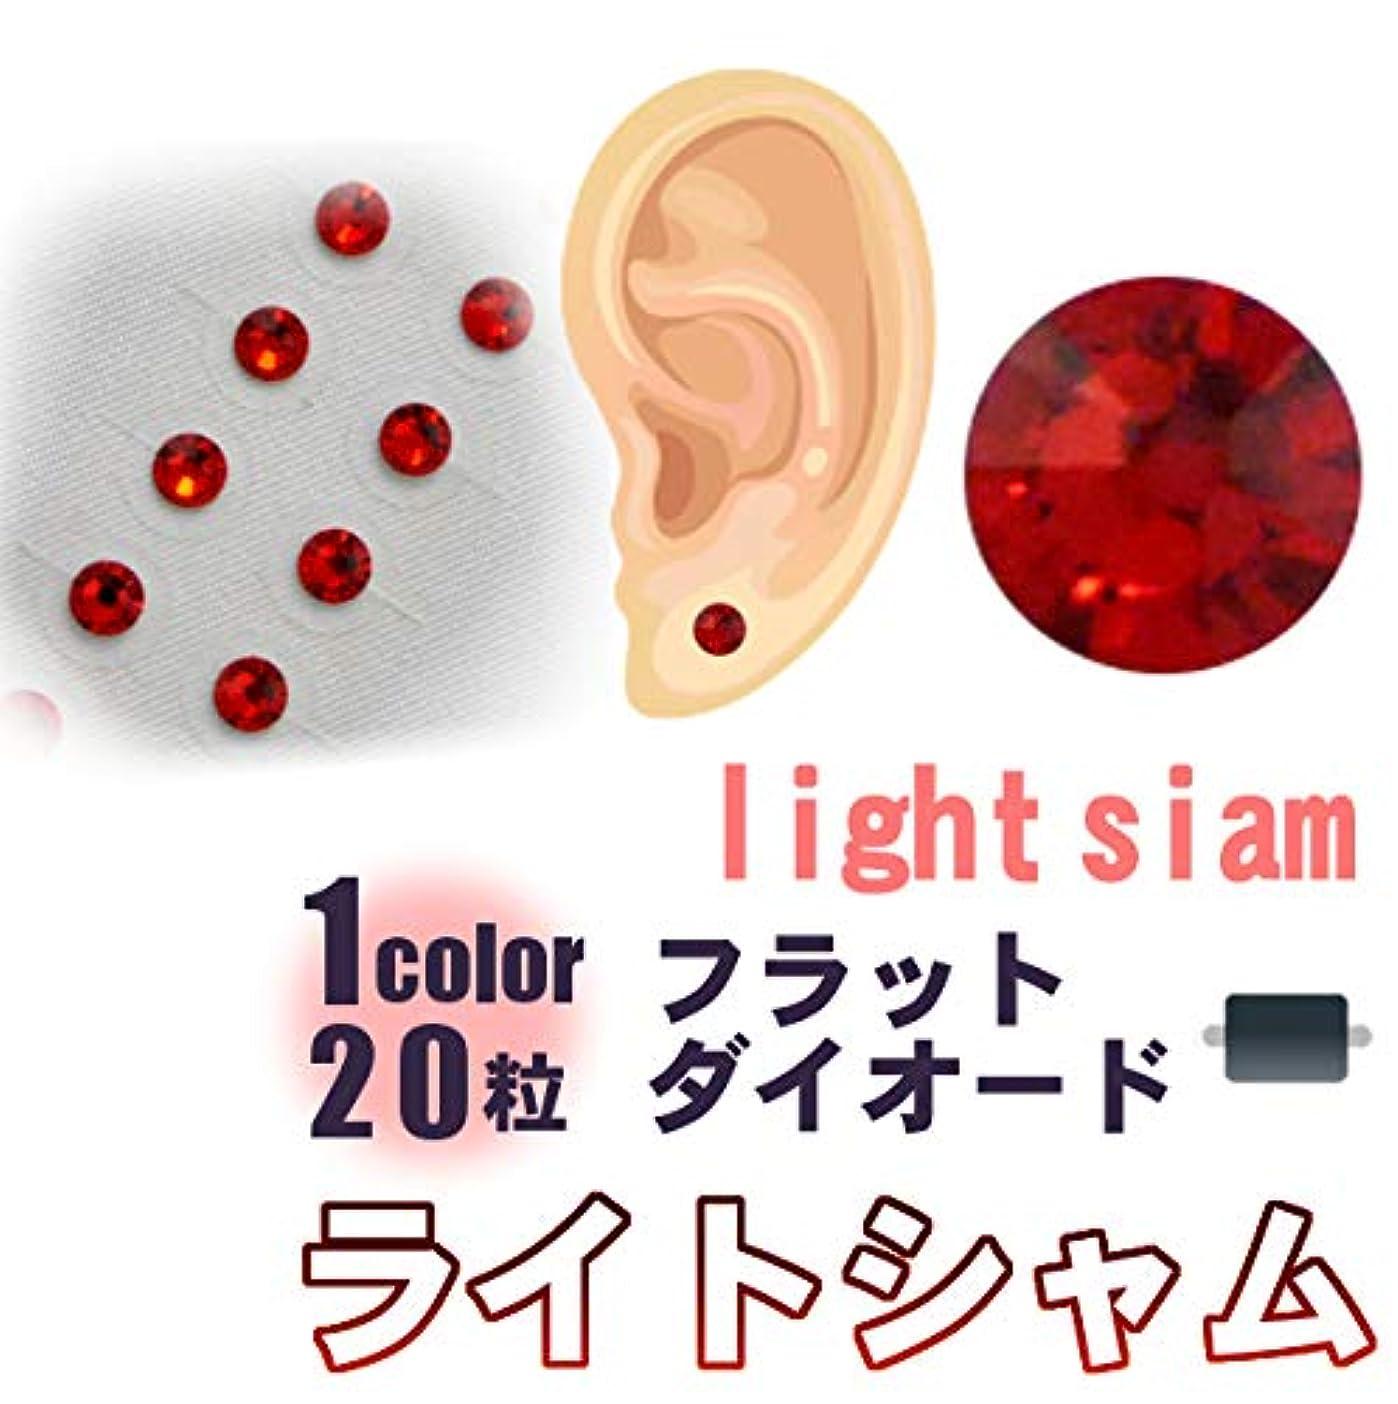 リネン頬骨下フラットダイオード 耳つぼジュエリー(1シート20粒)ライトシャムー全3サイズー粘着強化耳ツボシール (L ss16 約4mm) 【初心者用耳つぼマップ付】